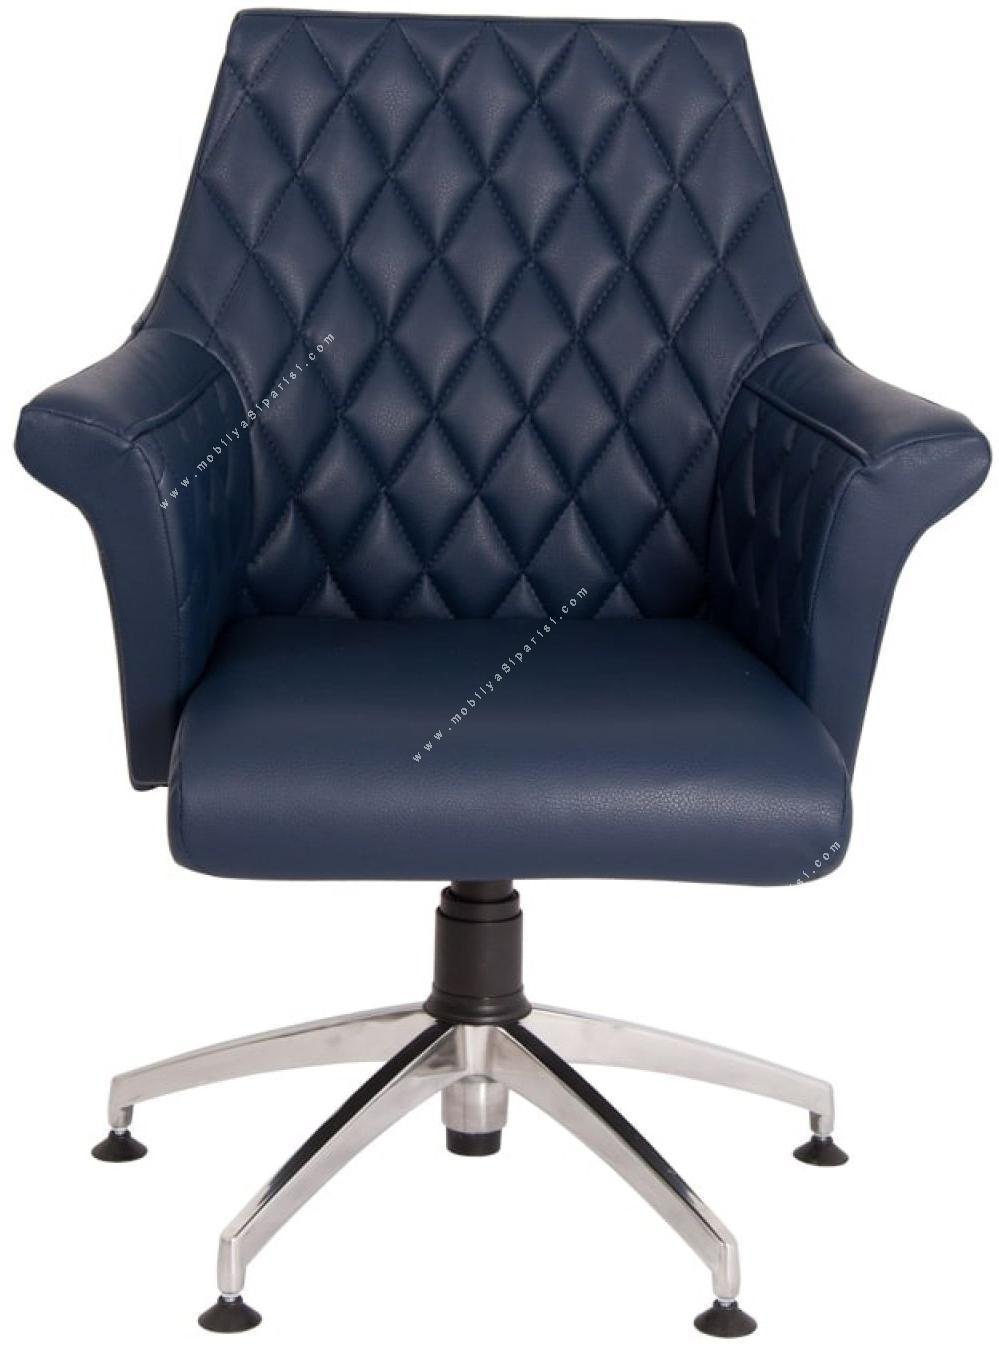 kold kapitoneli yıldız ayaklı misafir koltuğu